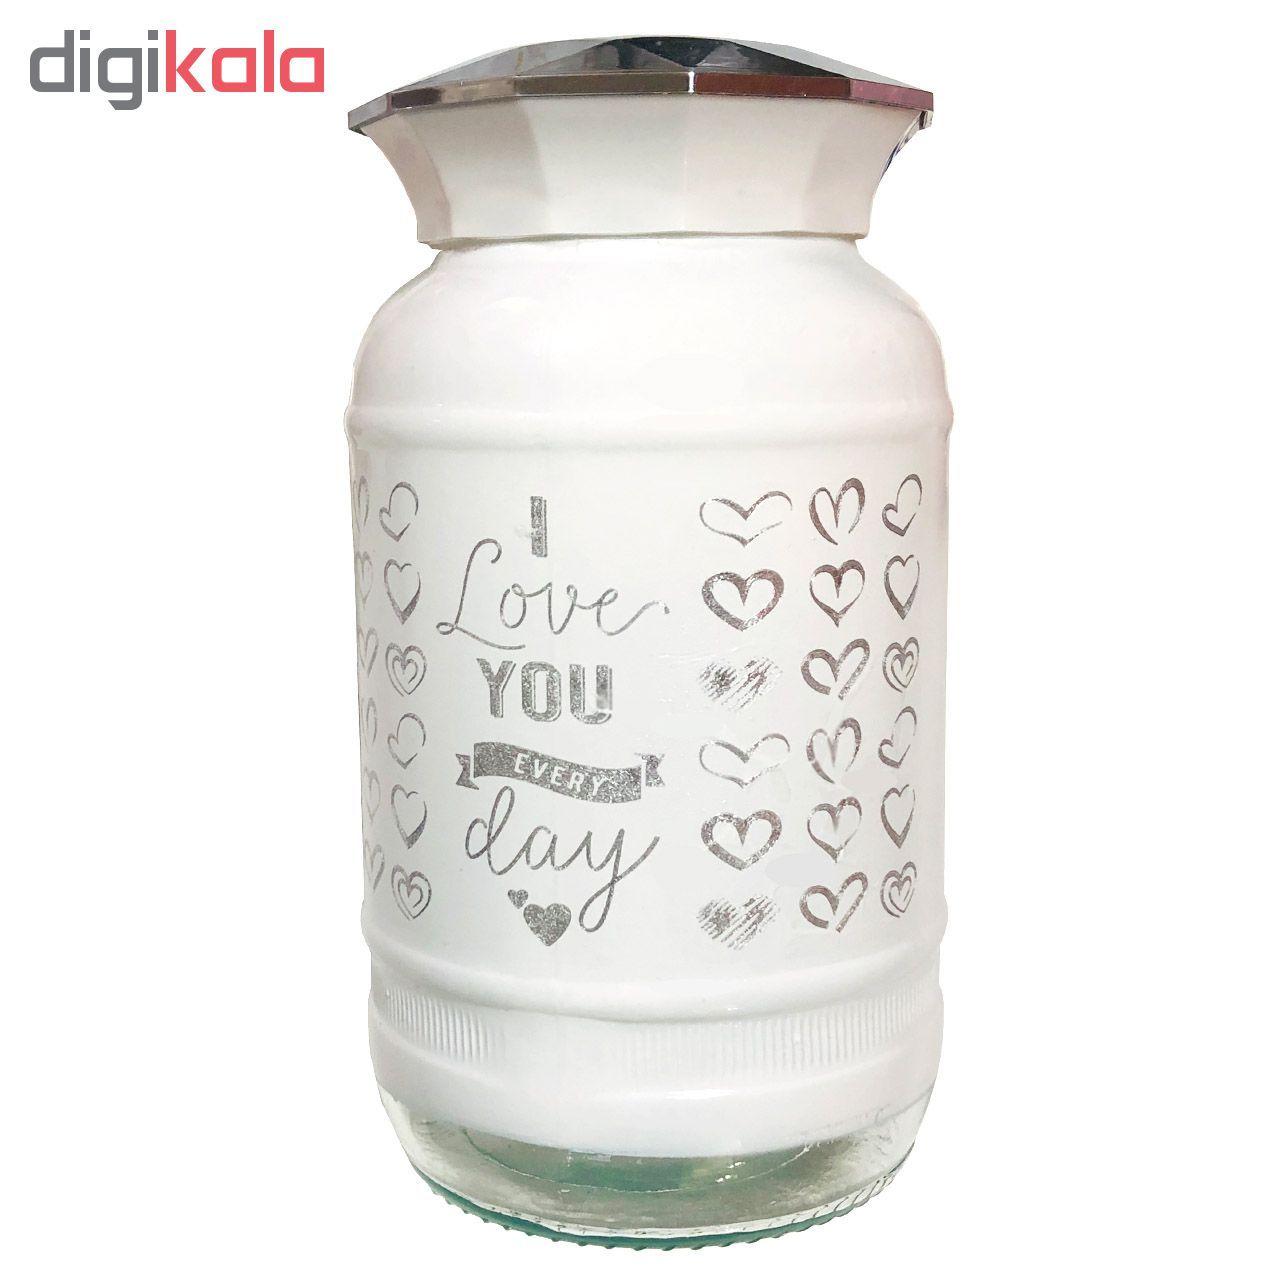 شیشه حبوبات/ترشی کمیکس 1500 سی سی 8041 کد 101089 main 1 1